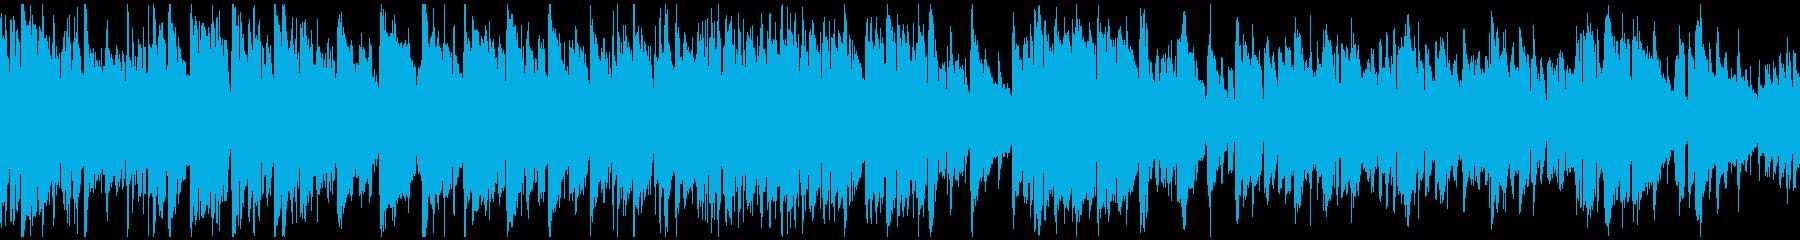 スマートな現代的ジャズ ※ループ仕様版の再生済みの波形